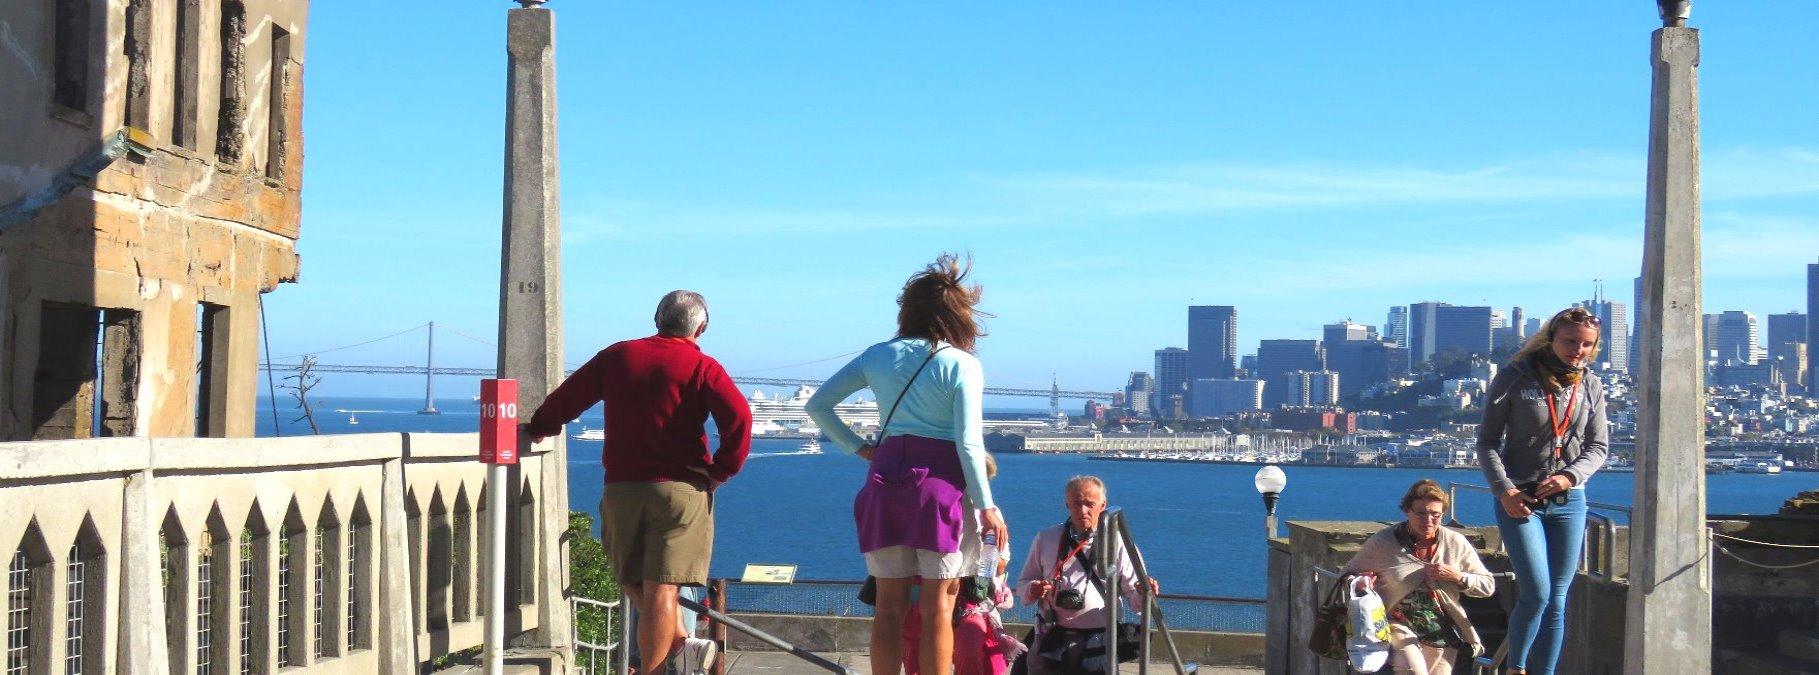 views_of_san_francisco_from_alcatraz_island